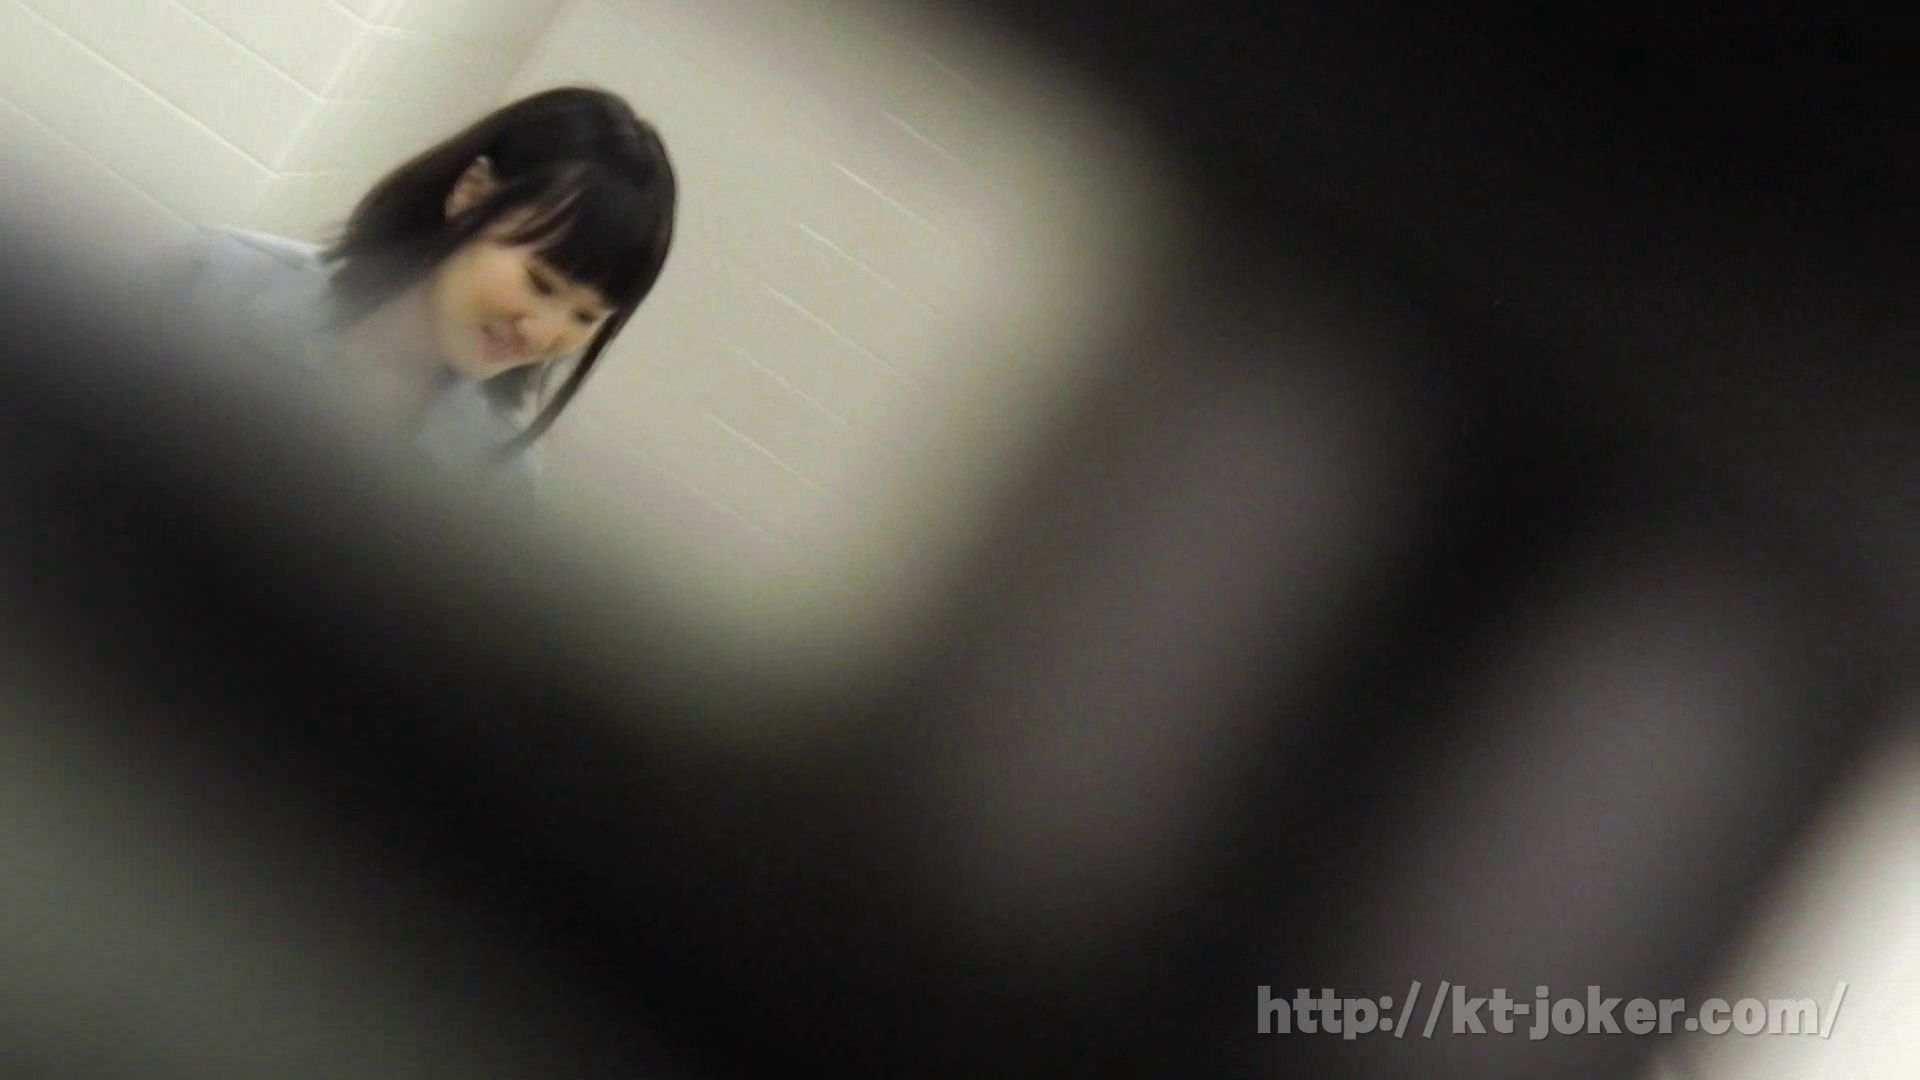 命がけ潜伏洗面所! vol.68 レベルアップ!! エロティックなOL  92画像 57